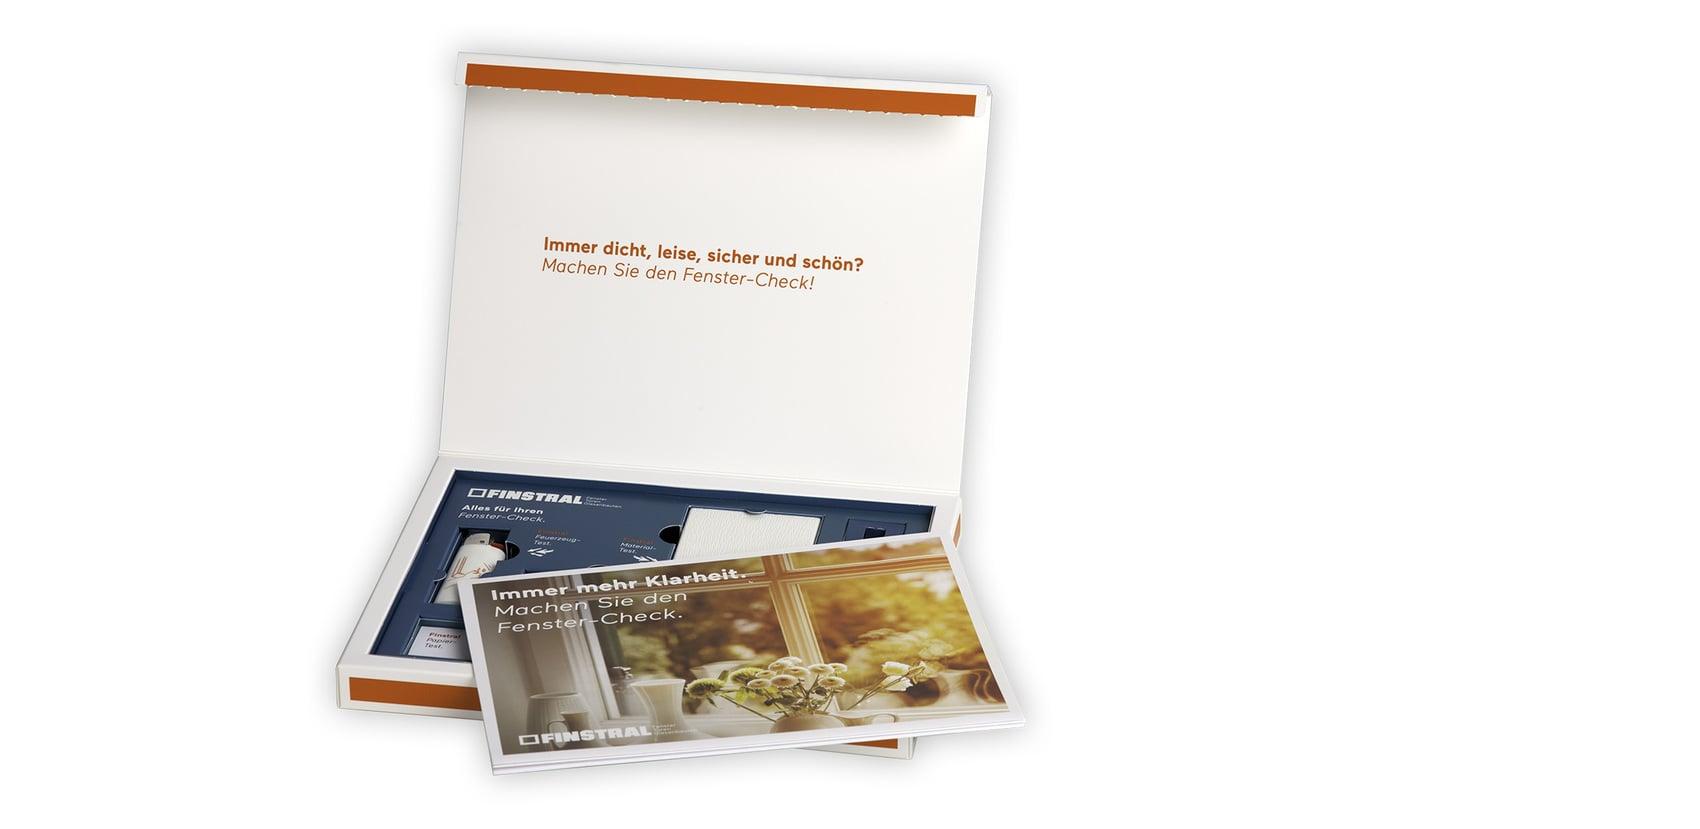 Das Fenster-Check-Kit von Finstral